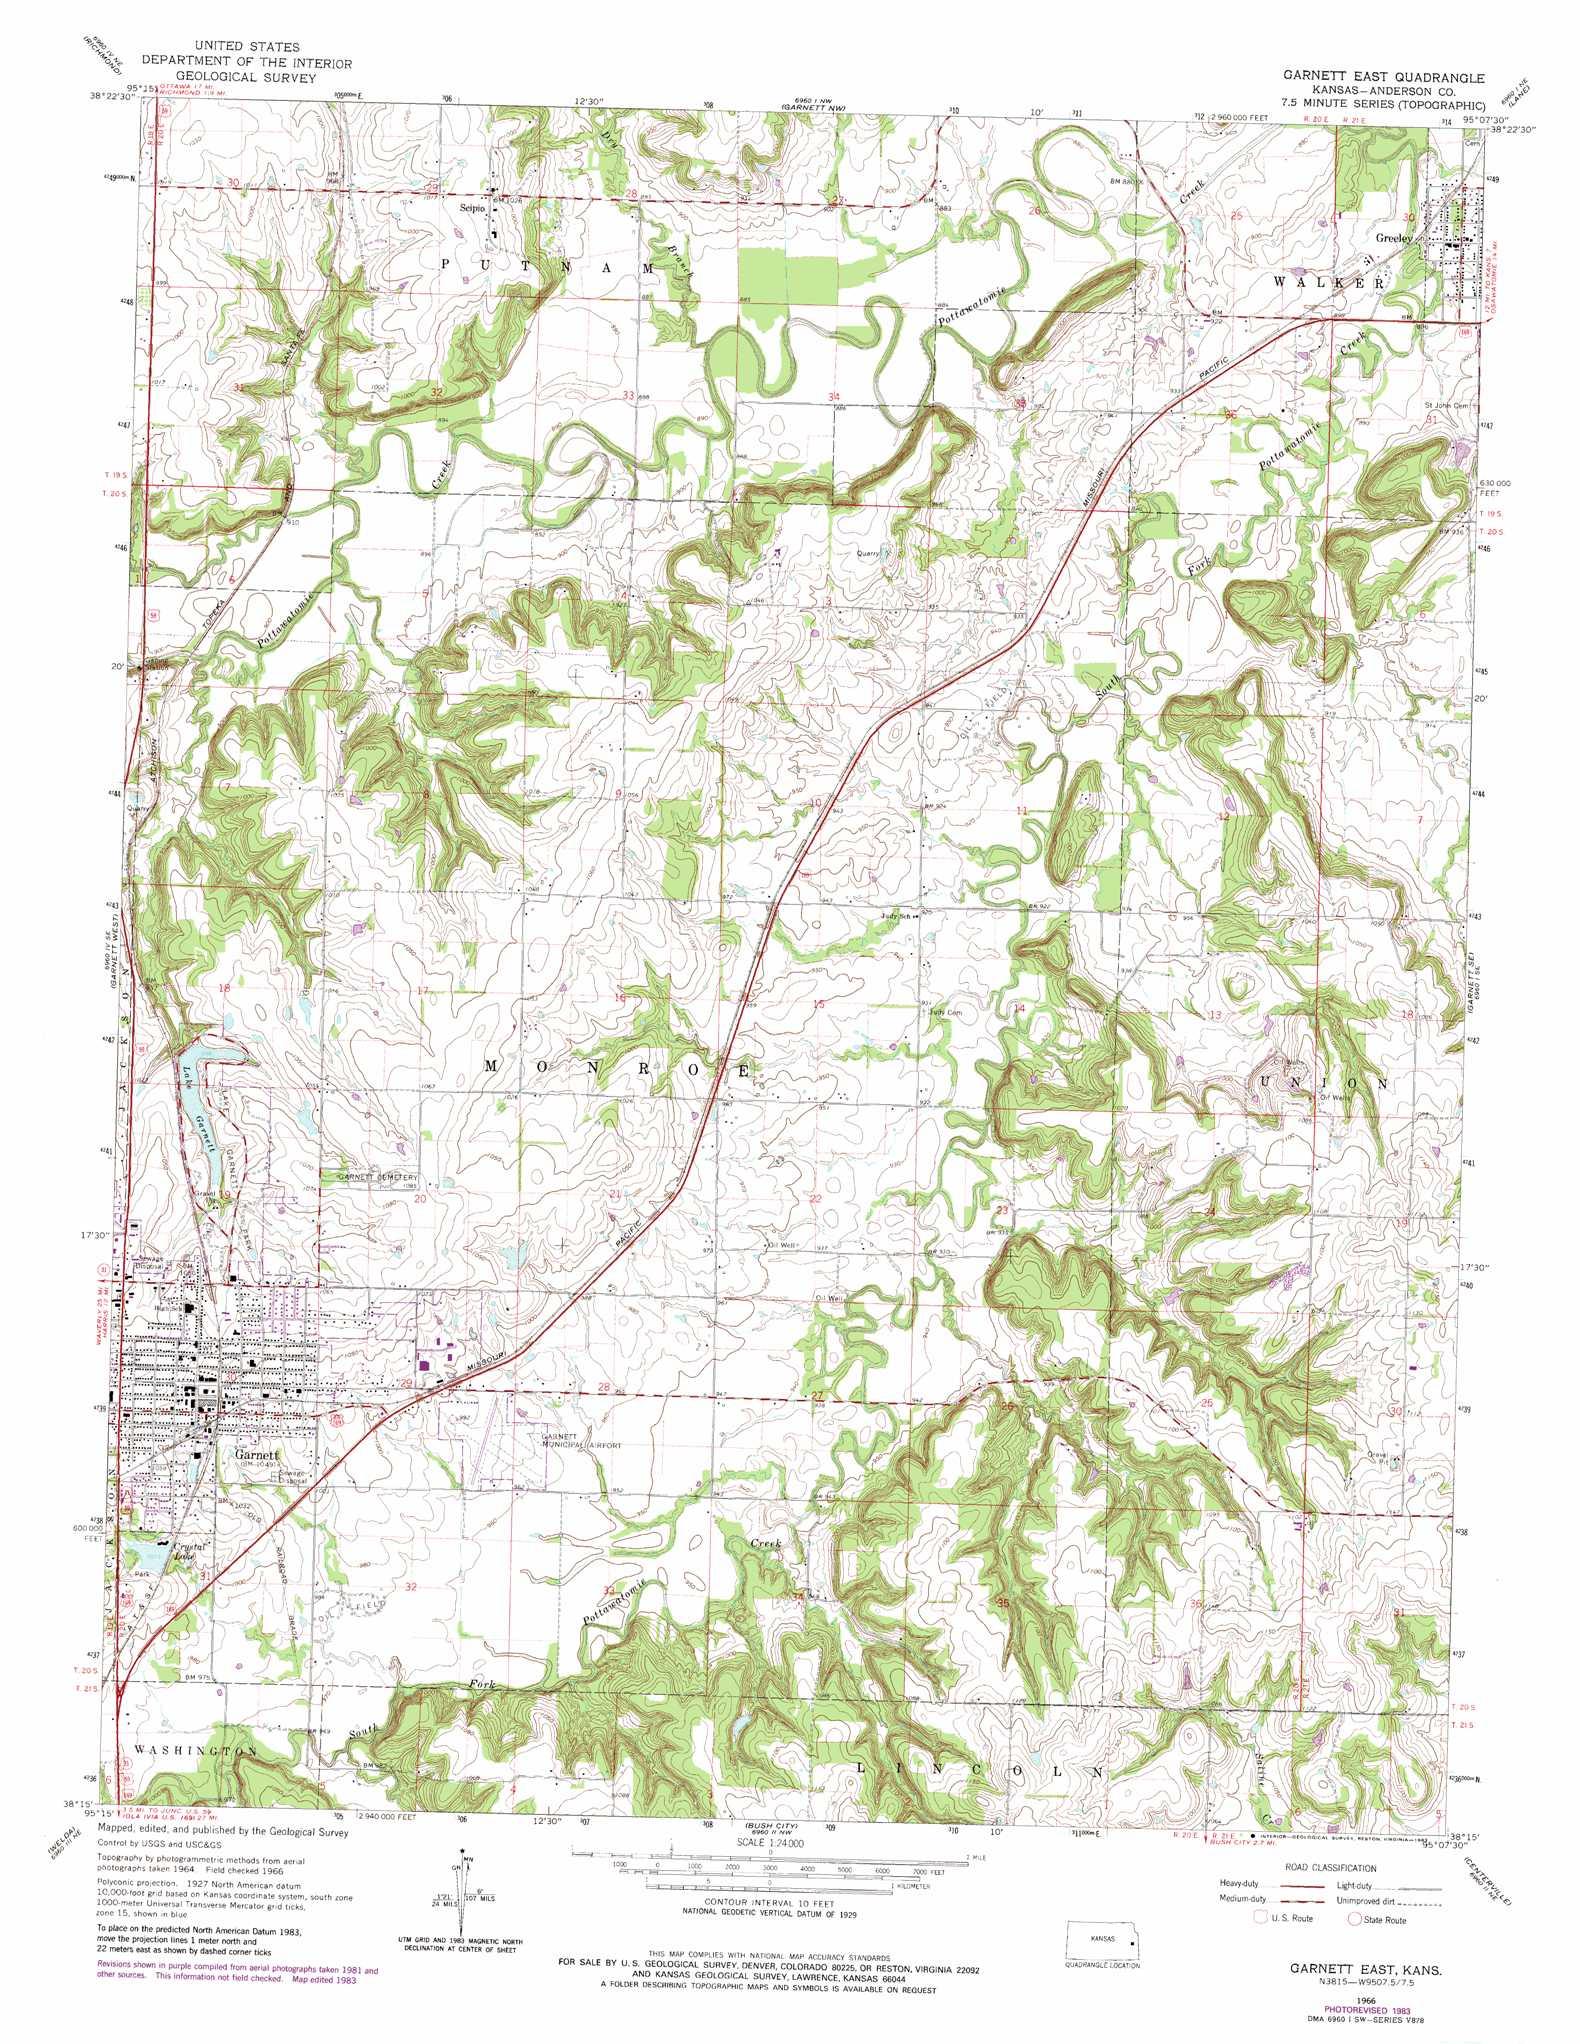 Garnett East topographic map, KS - USGS Topo Quad 38095c2 on olathe kansas map, lawrence kansas map, kansas kansas map, argonia kansas map, pittsburg kansas map, leawood kansas map, liberal kansas map, lecompton kansas map, downs kansas map, cimarron kansas map, kansas city map, lewis kansas map, springfield kansas map, americus kansas map, lyndon kansas map, united states kansas map, ottawa kansas map, burdett kansas map, wellington kansas map, newton kansas map,